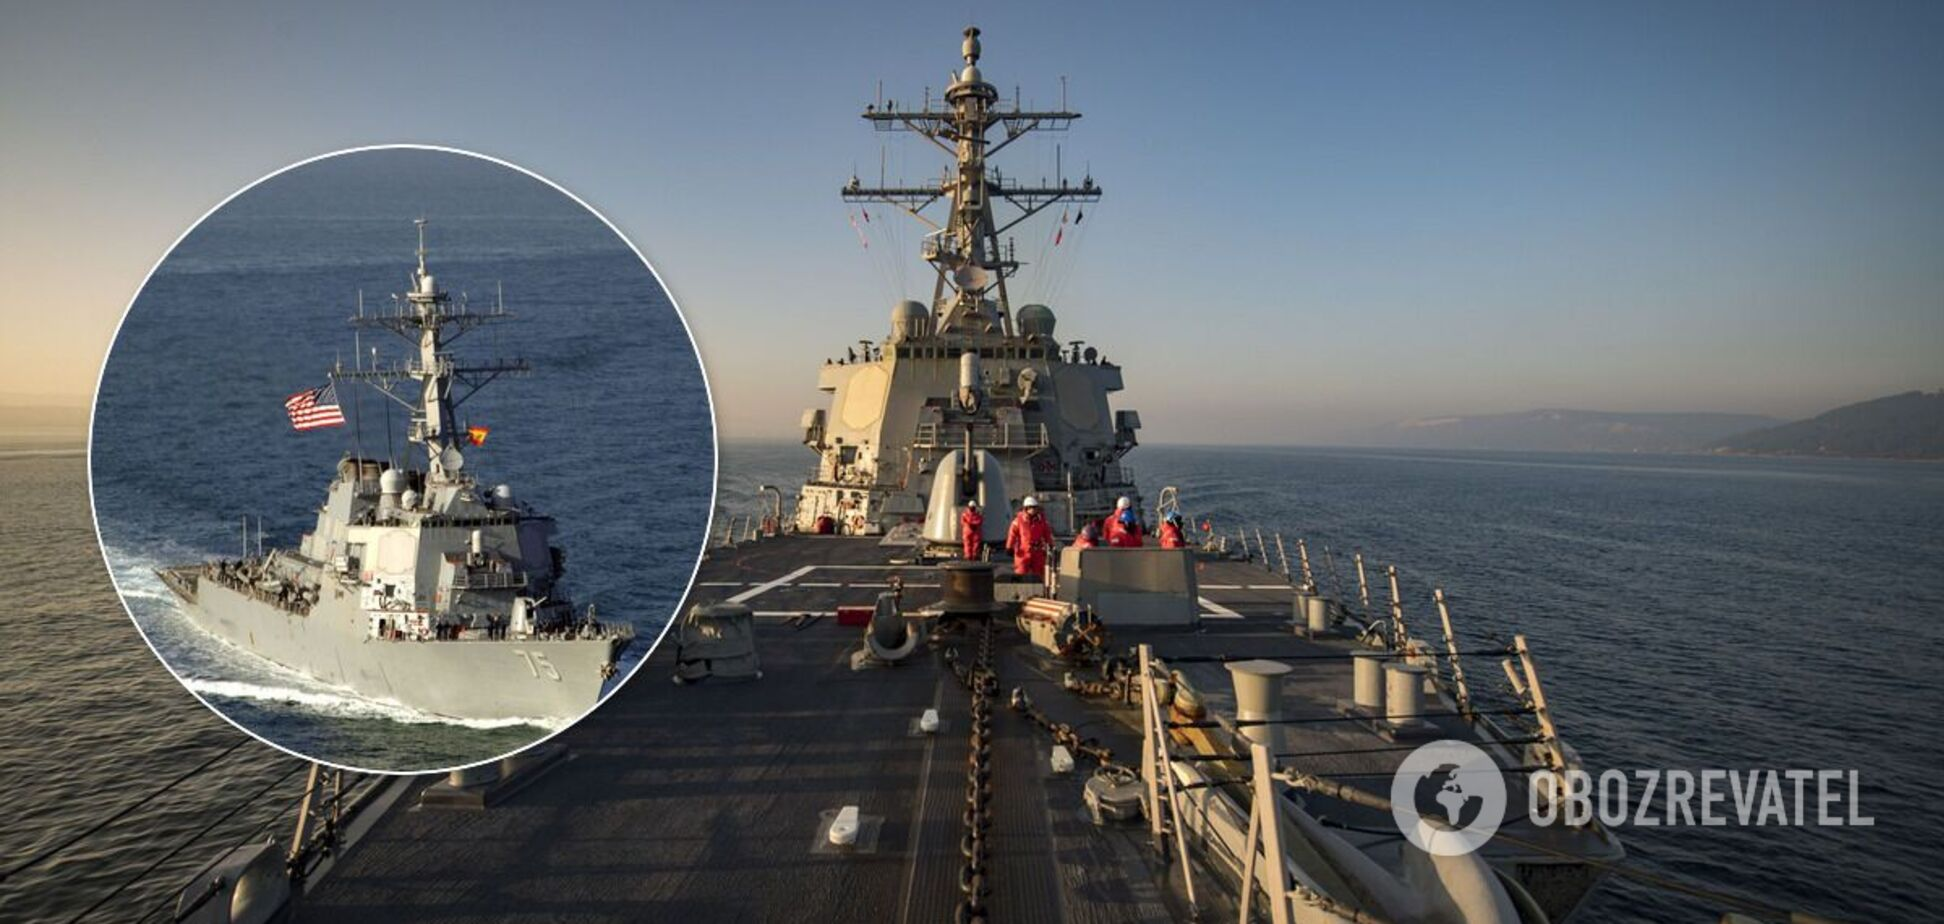 Військовий корабель НАТО попрямував у Чорне море. Фото